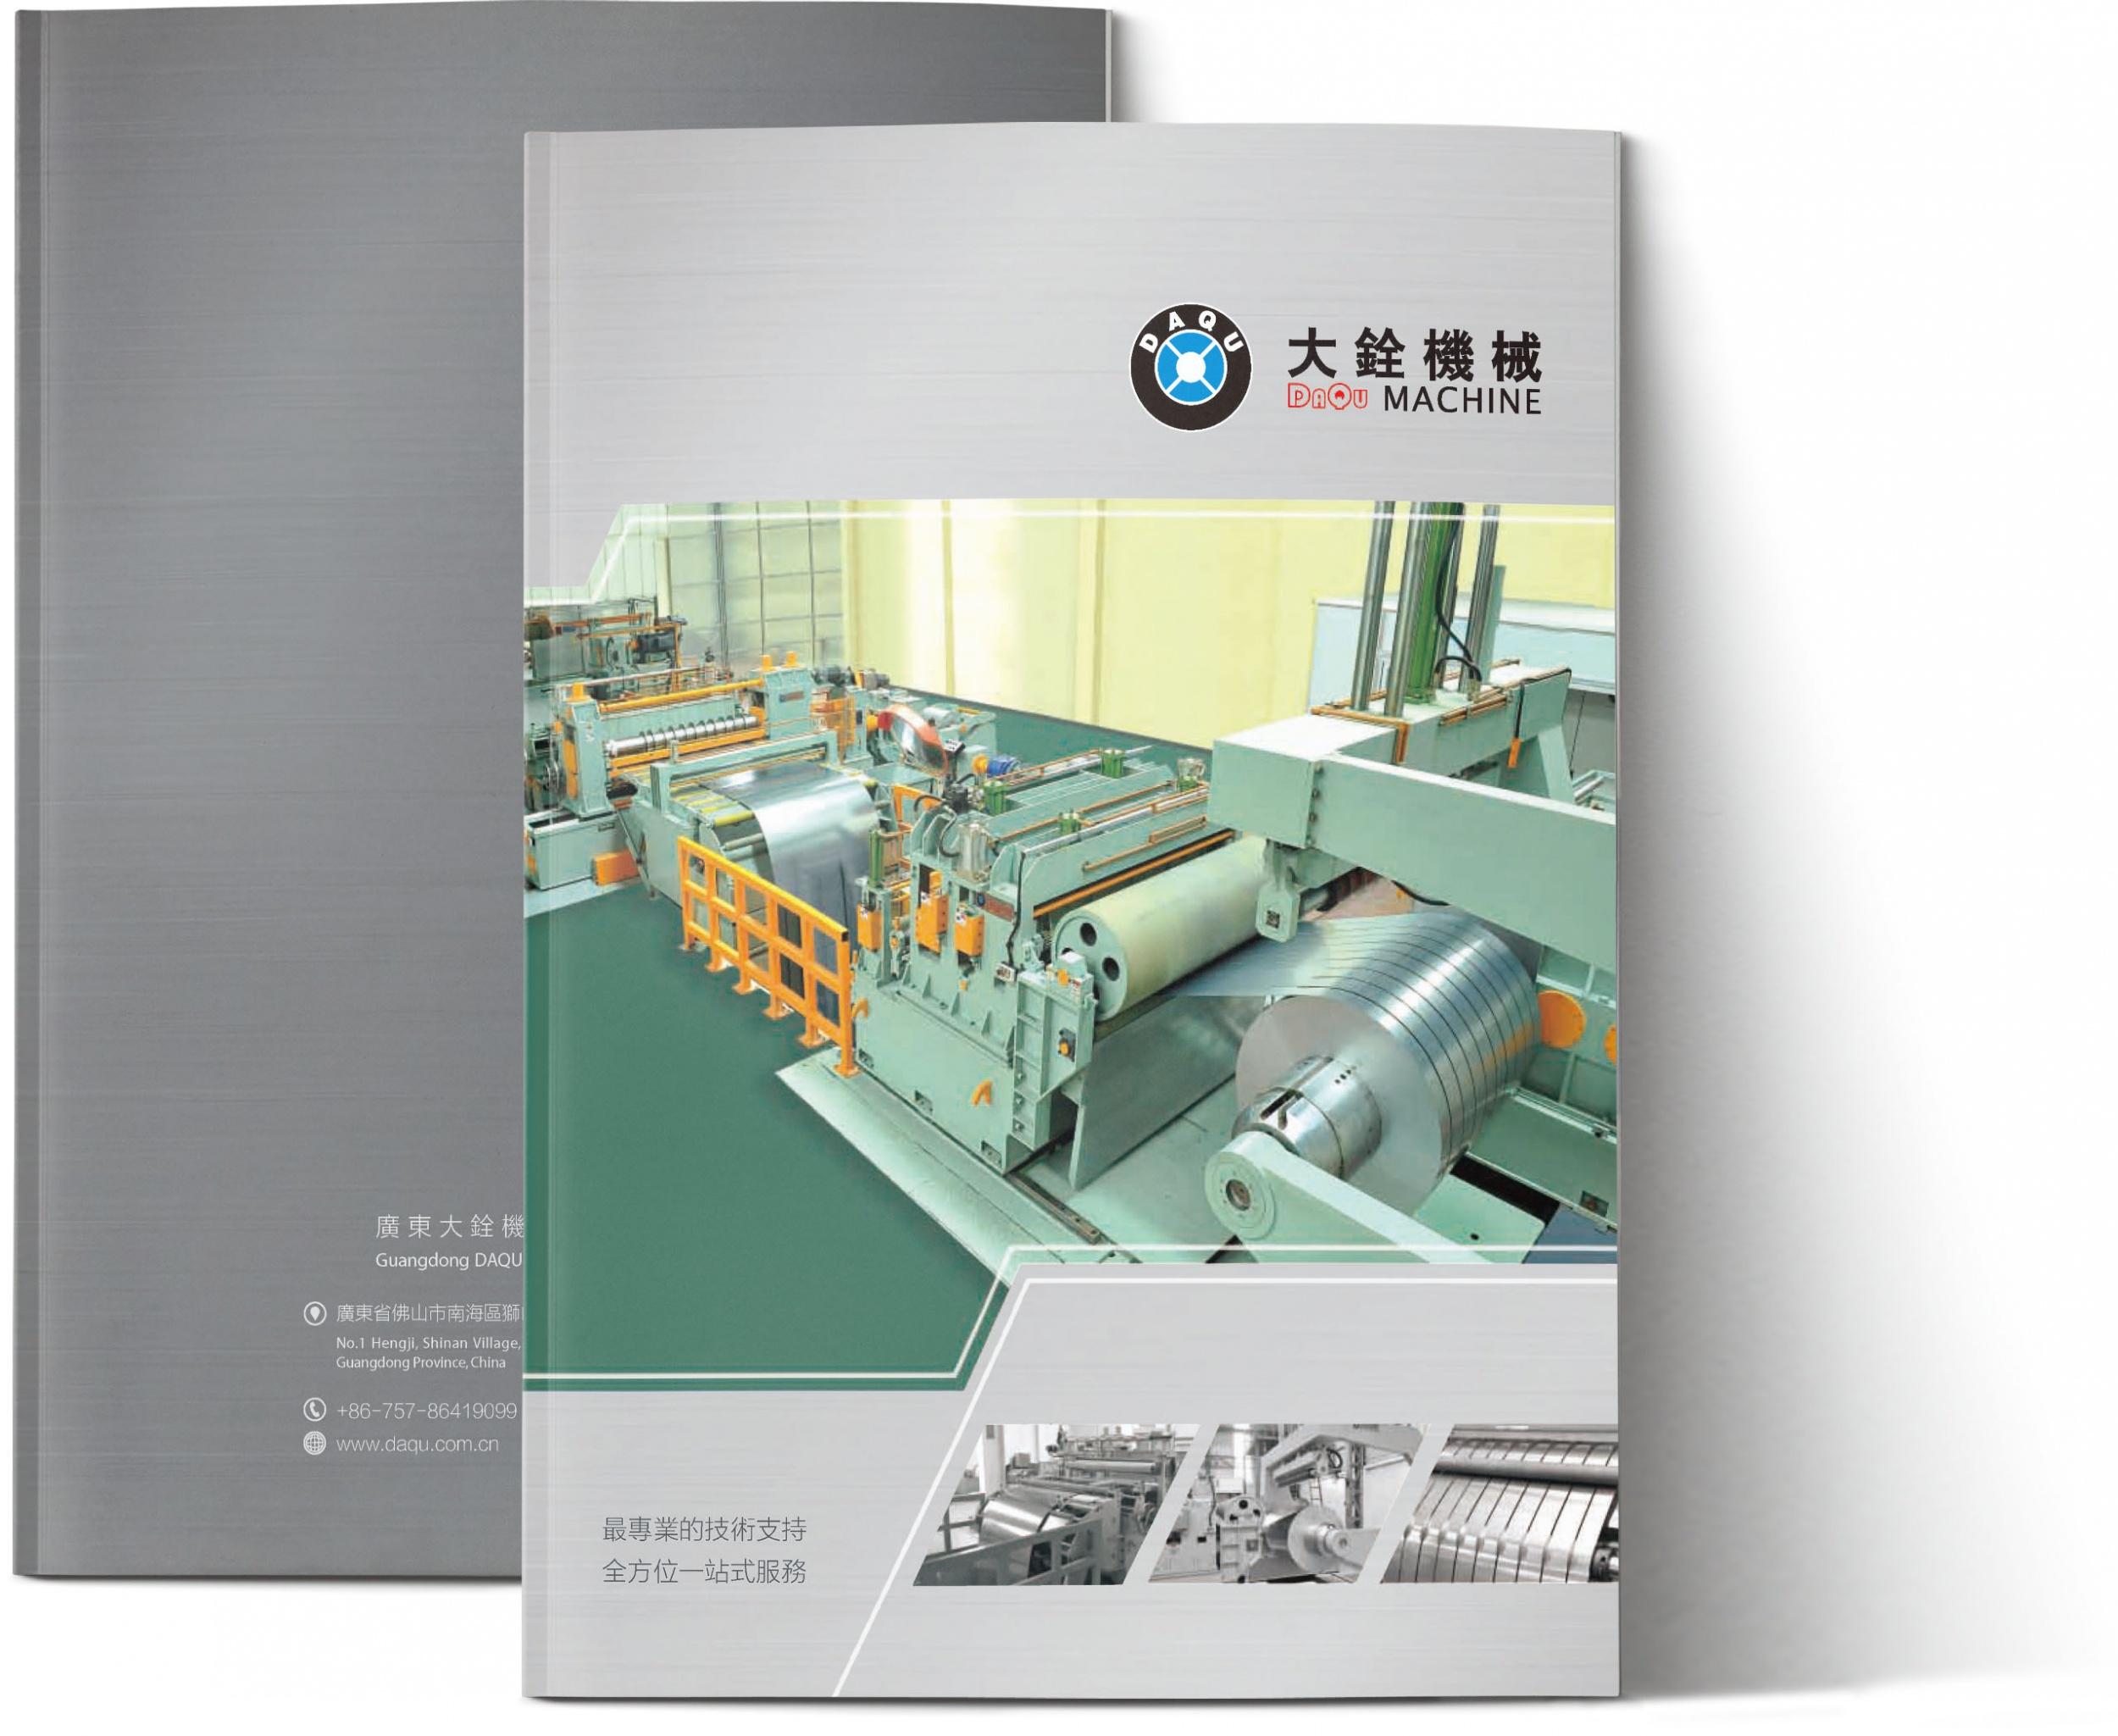 廣東大銓機械設備有限公司